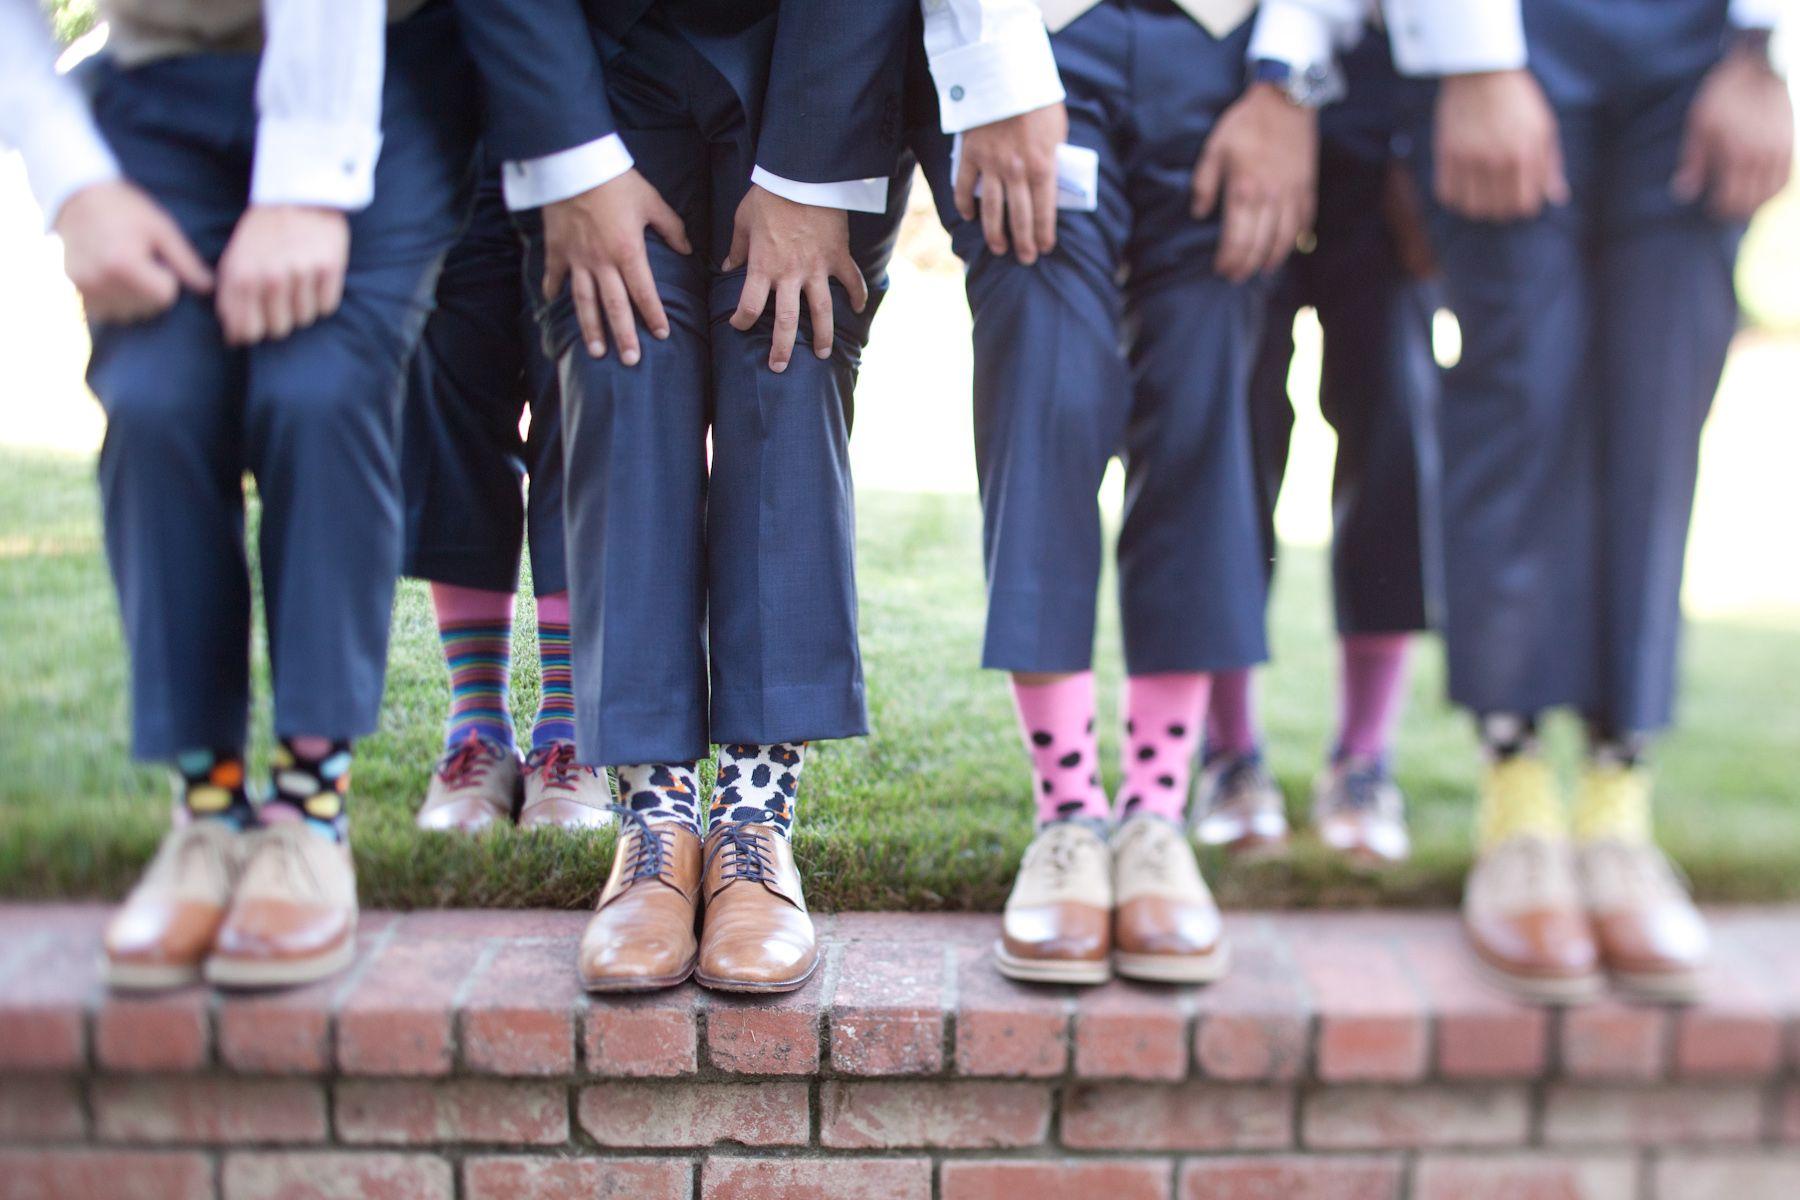 Crazy Socks For The Groomsmen